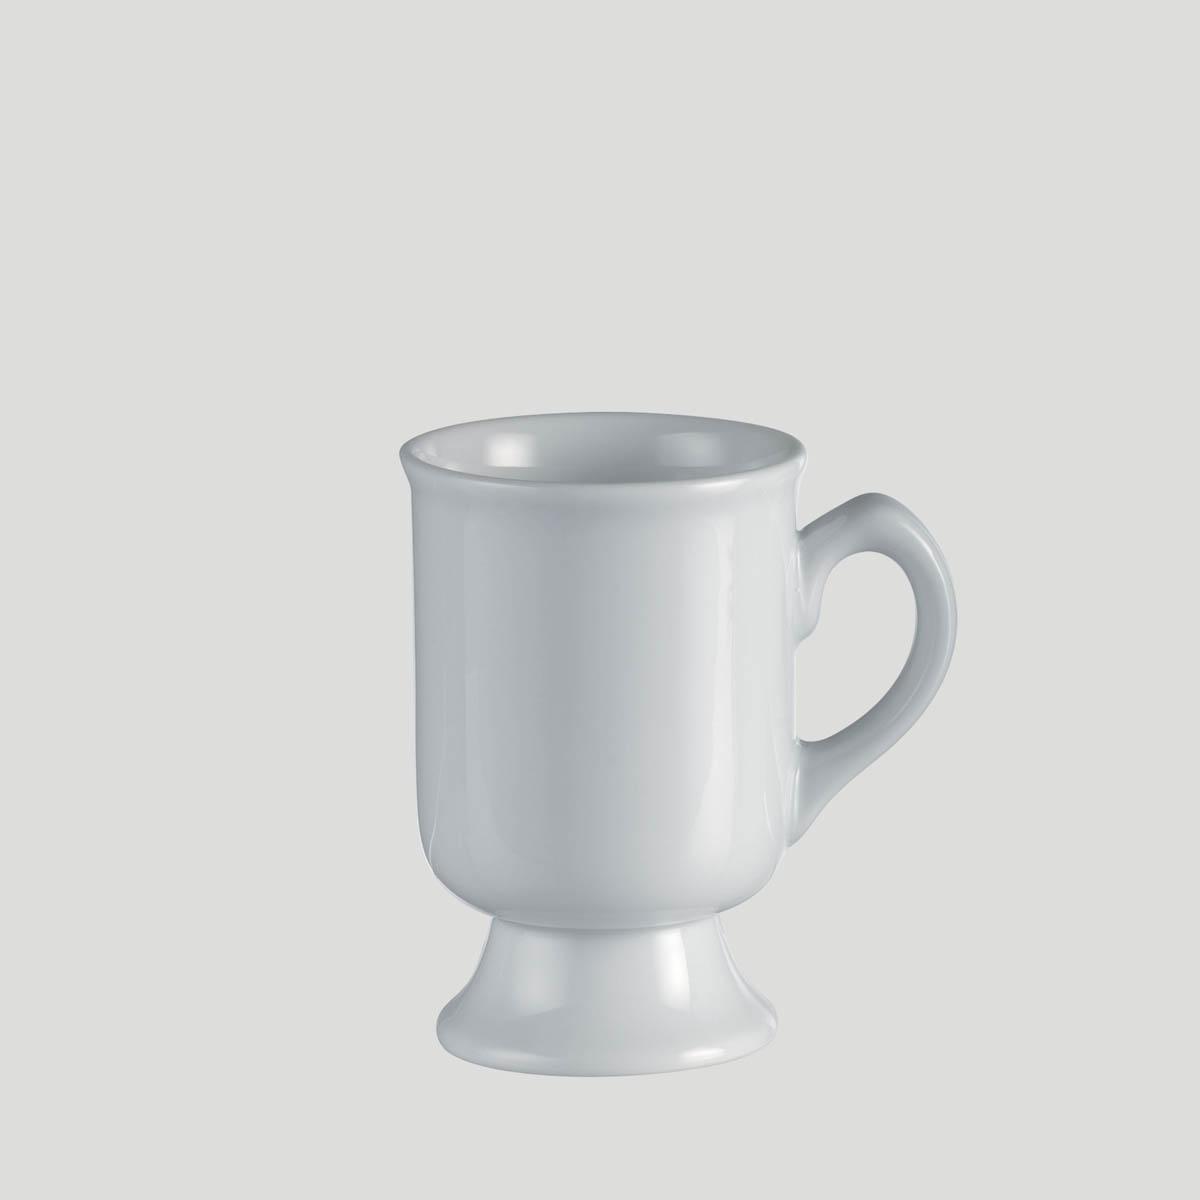 Tazza mug torino - mug piccola in porcellana - Gardagel